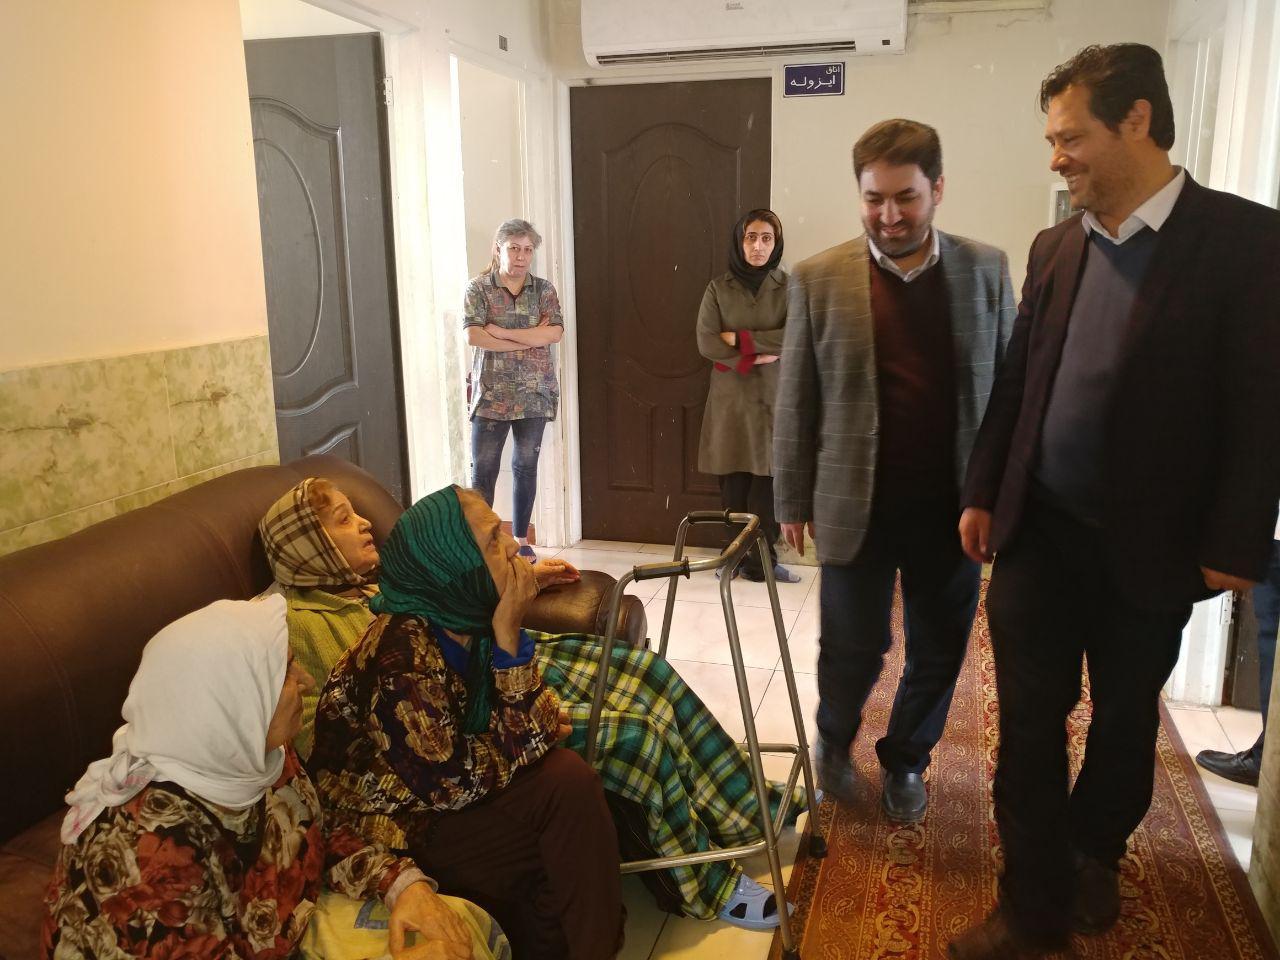 بازدید مسئولین استانی از مراکز توانبخشی شهرستان ملارد